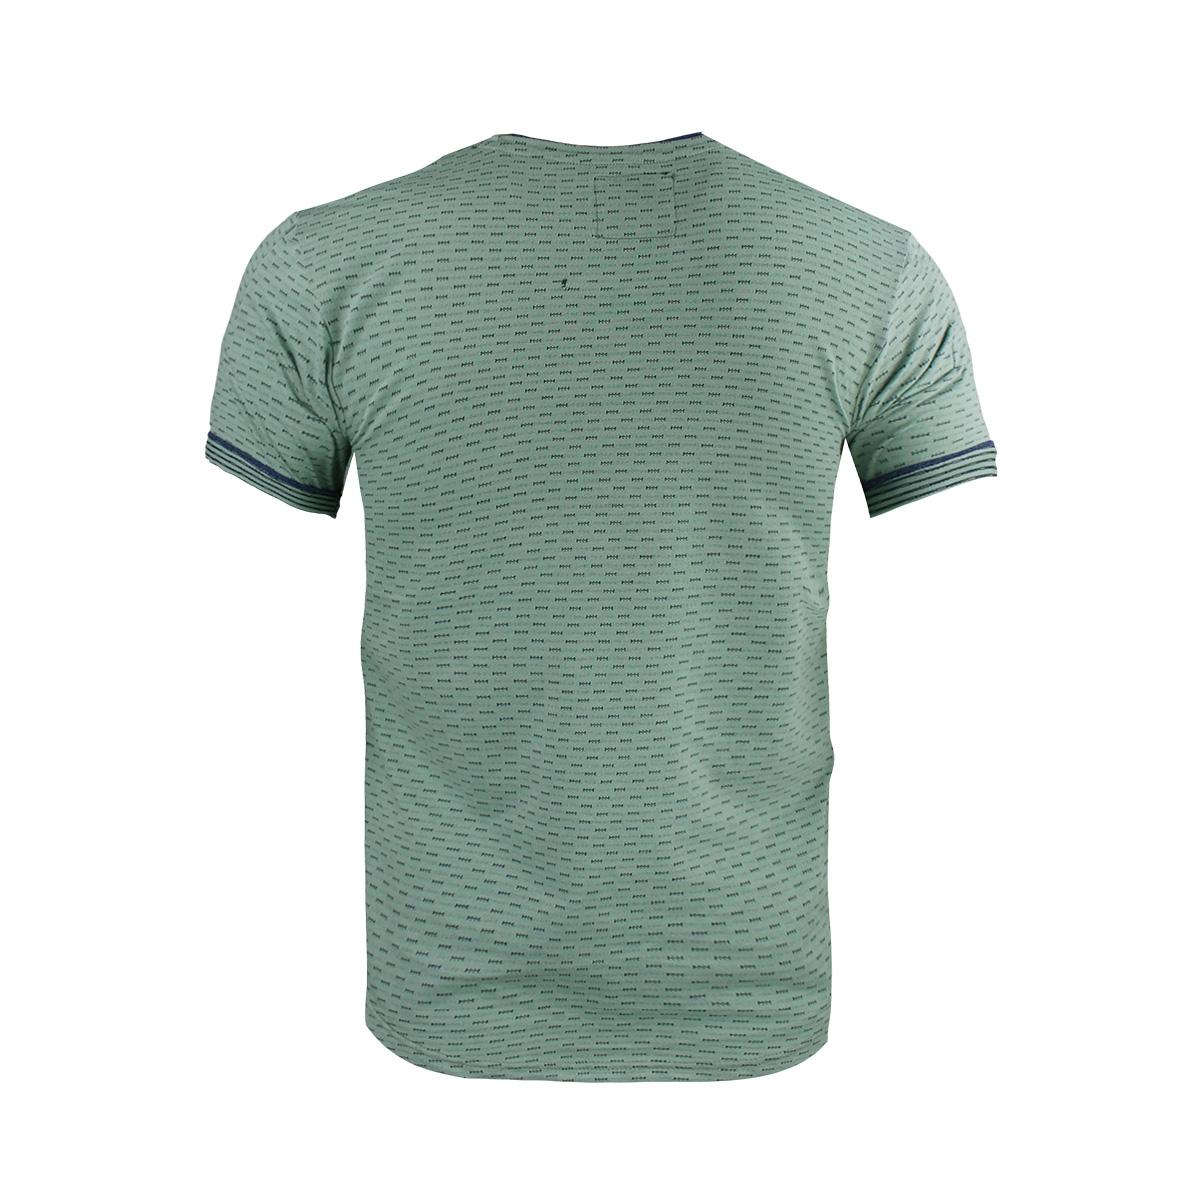 t shirt 15129 gabbiano t-shirt green